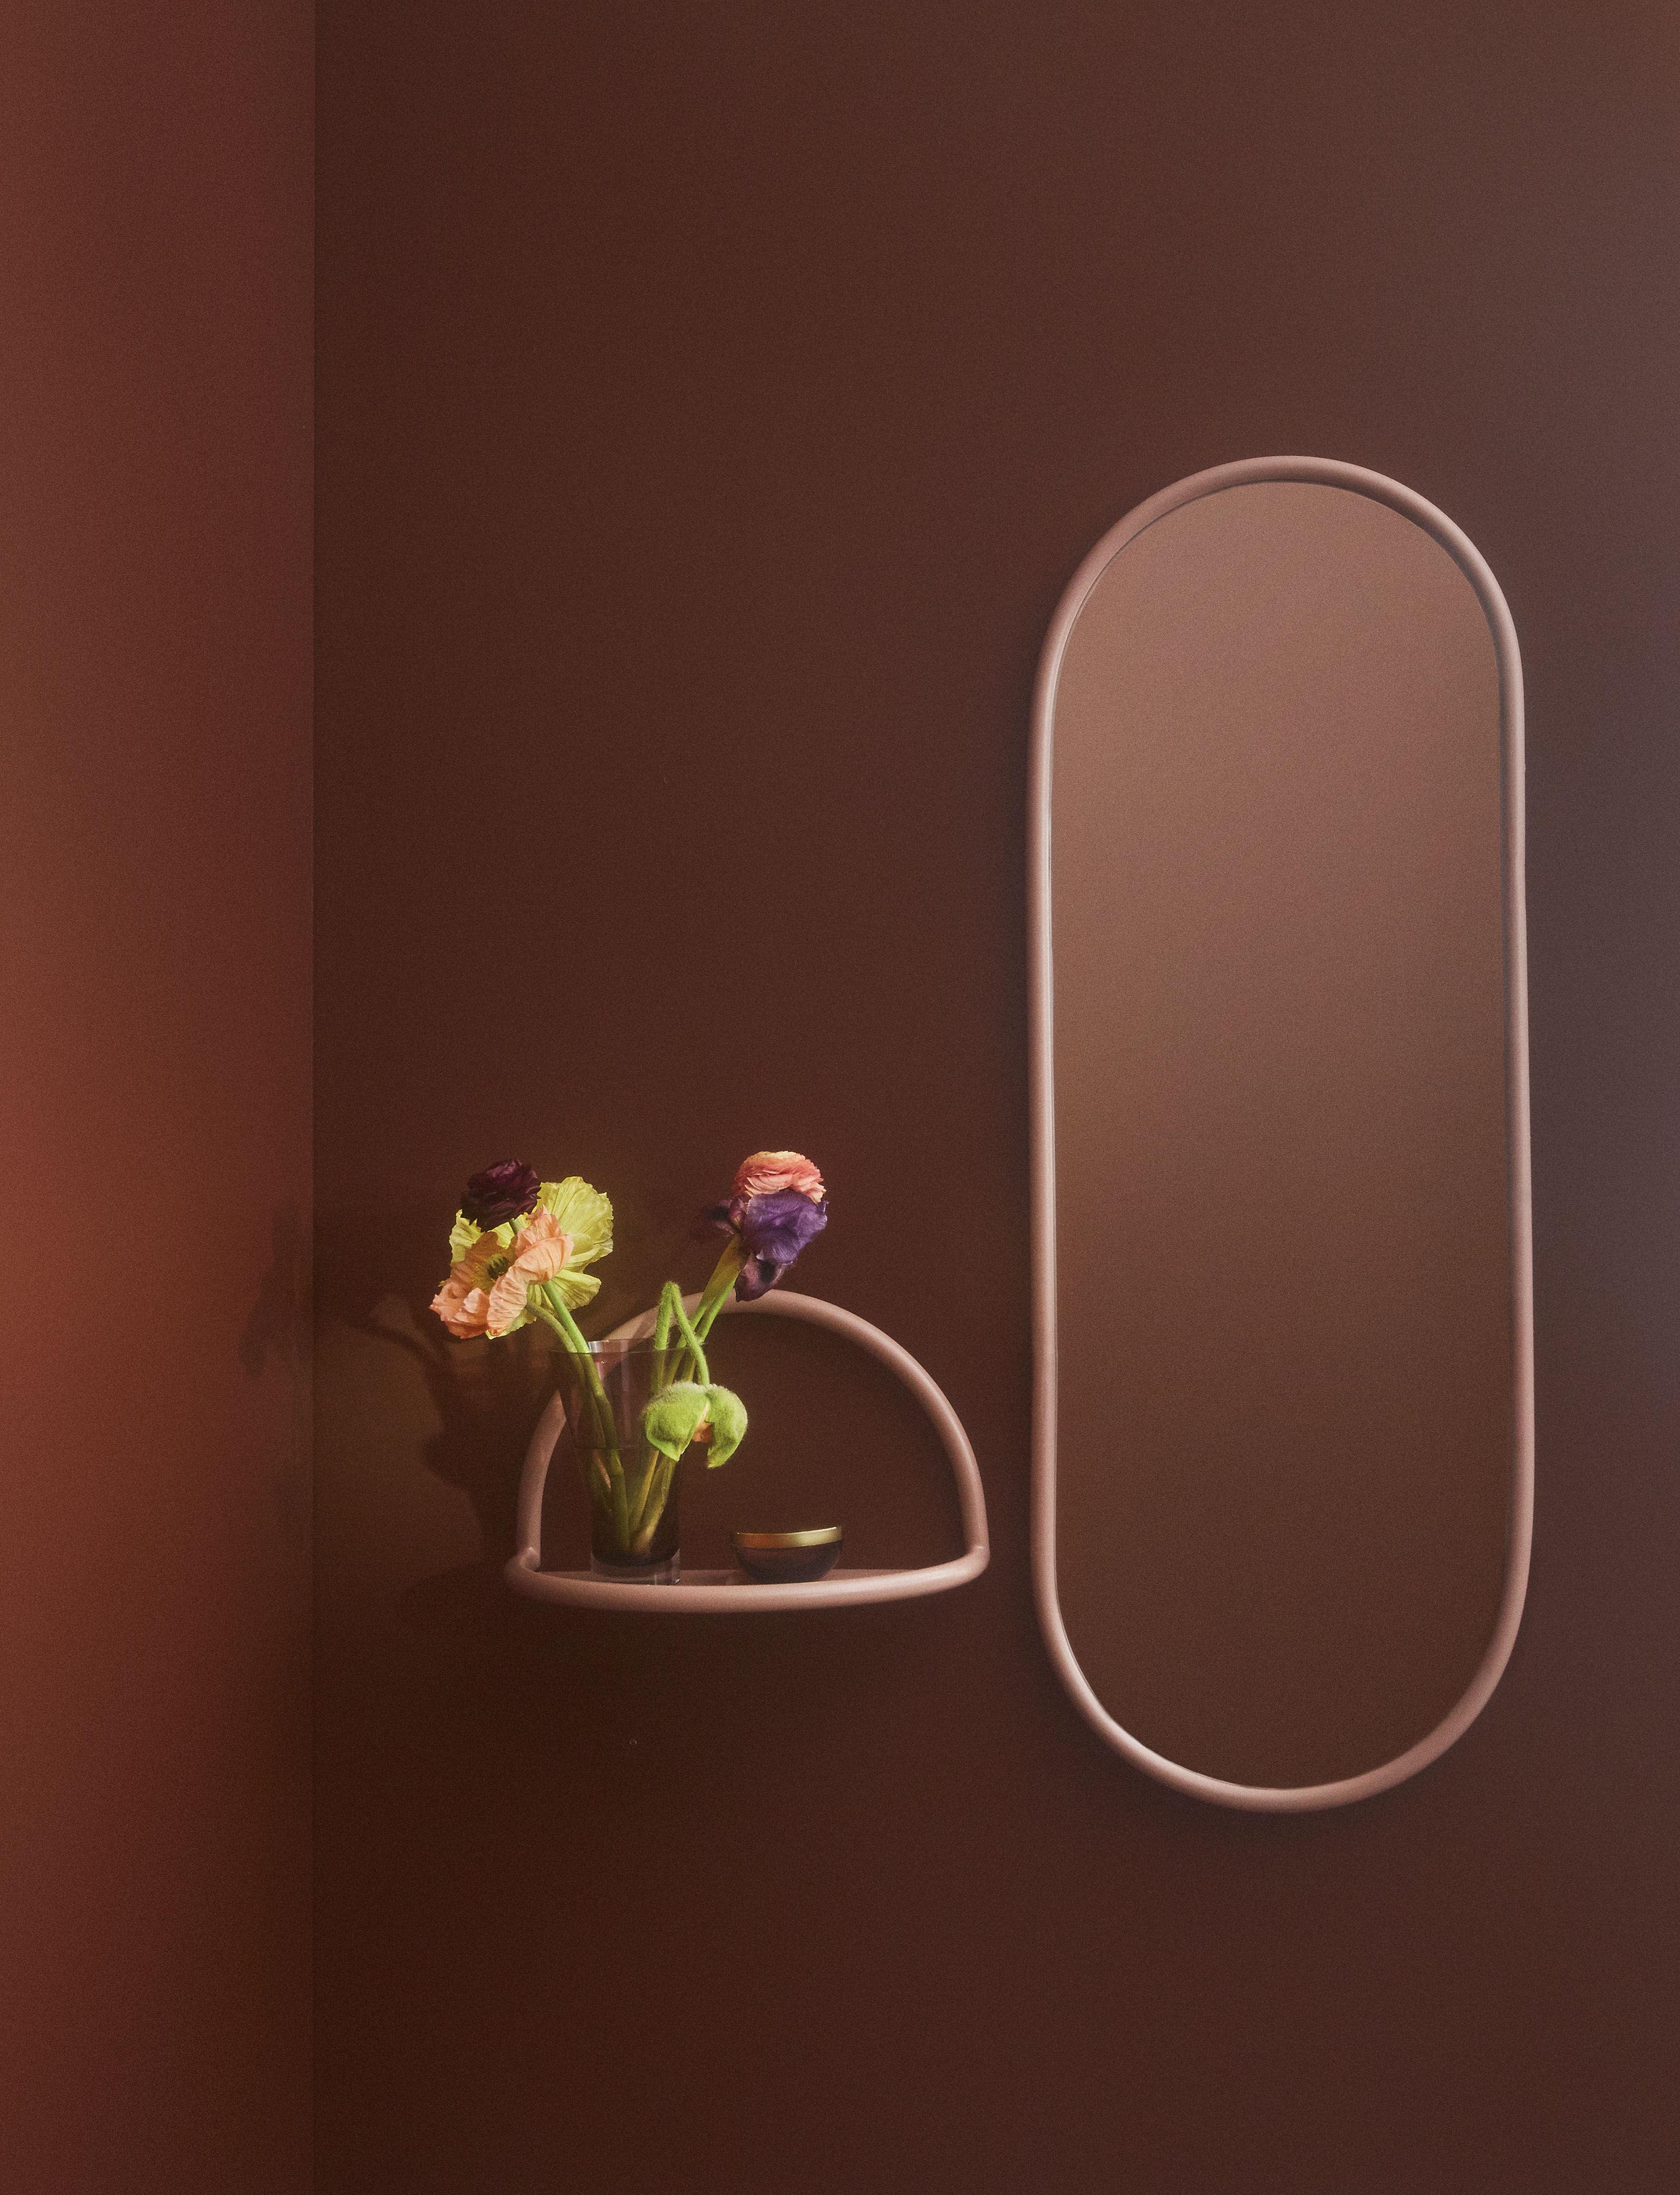 In AytmMade Cm By Angui 39 L Scaffale Design Ybfgy7v6